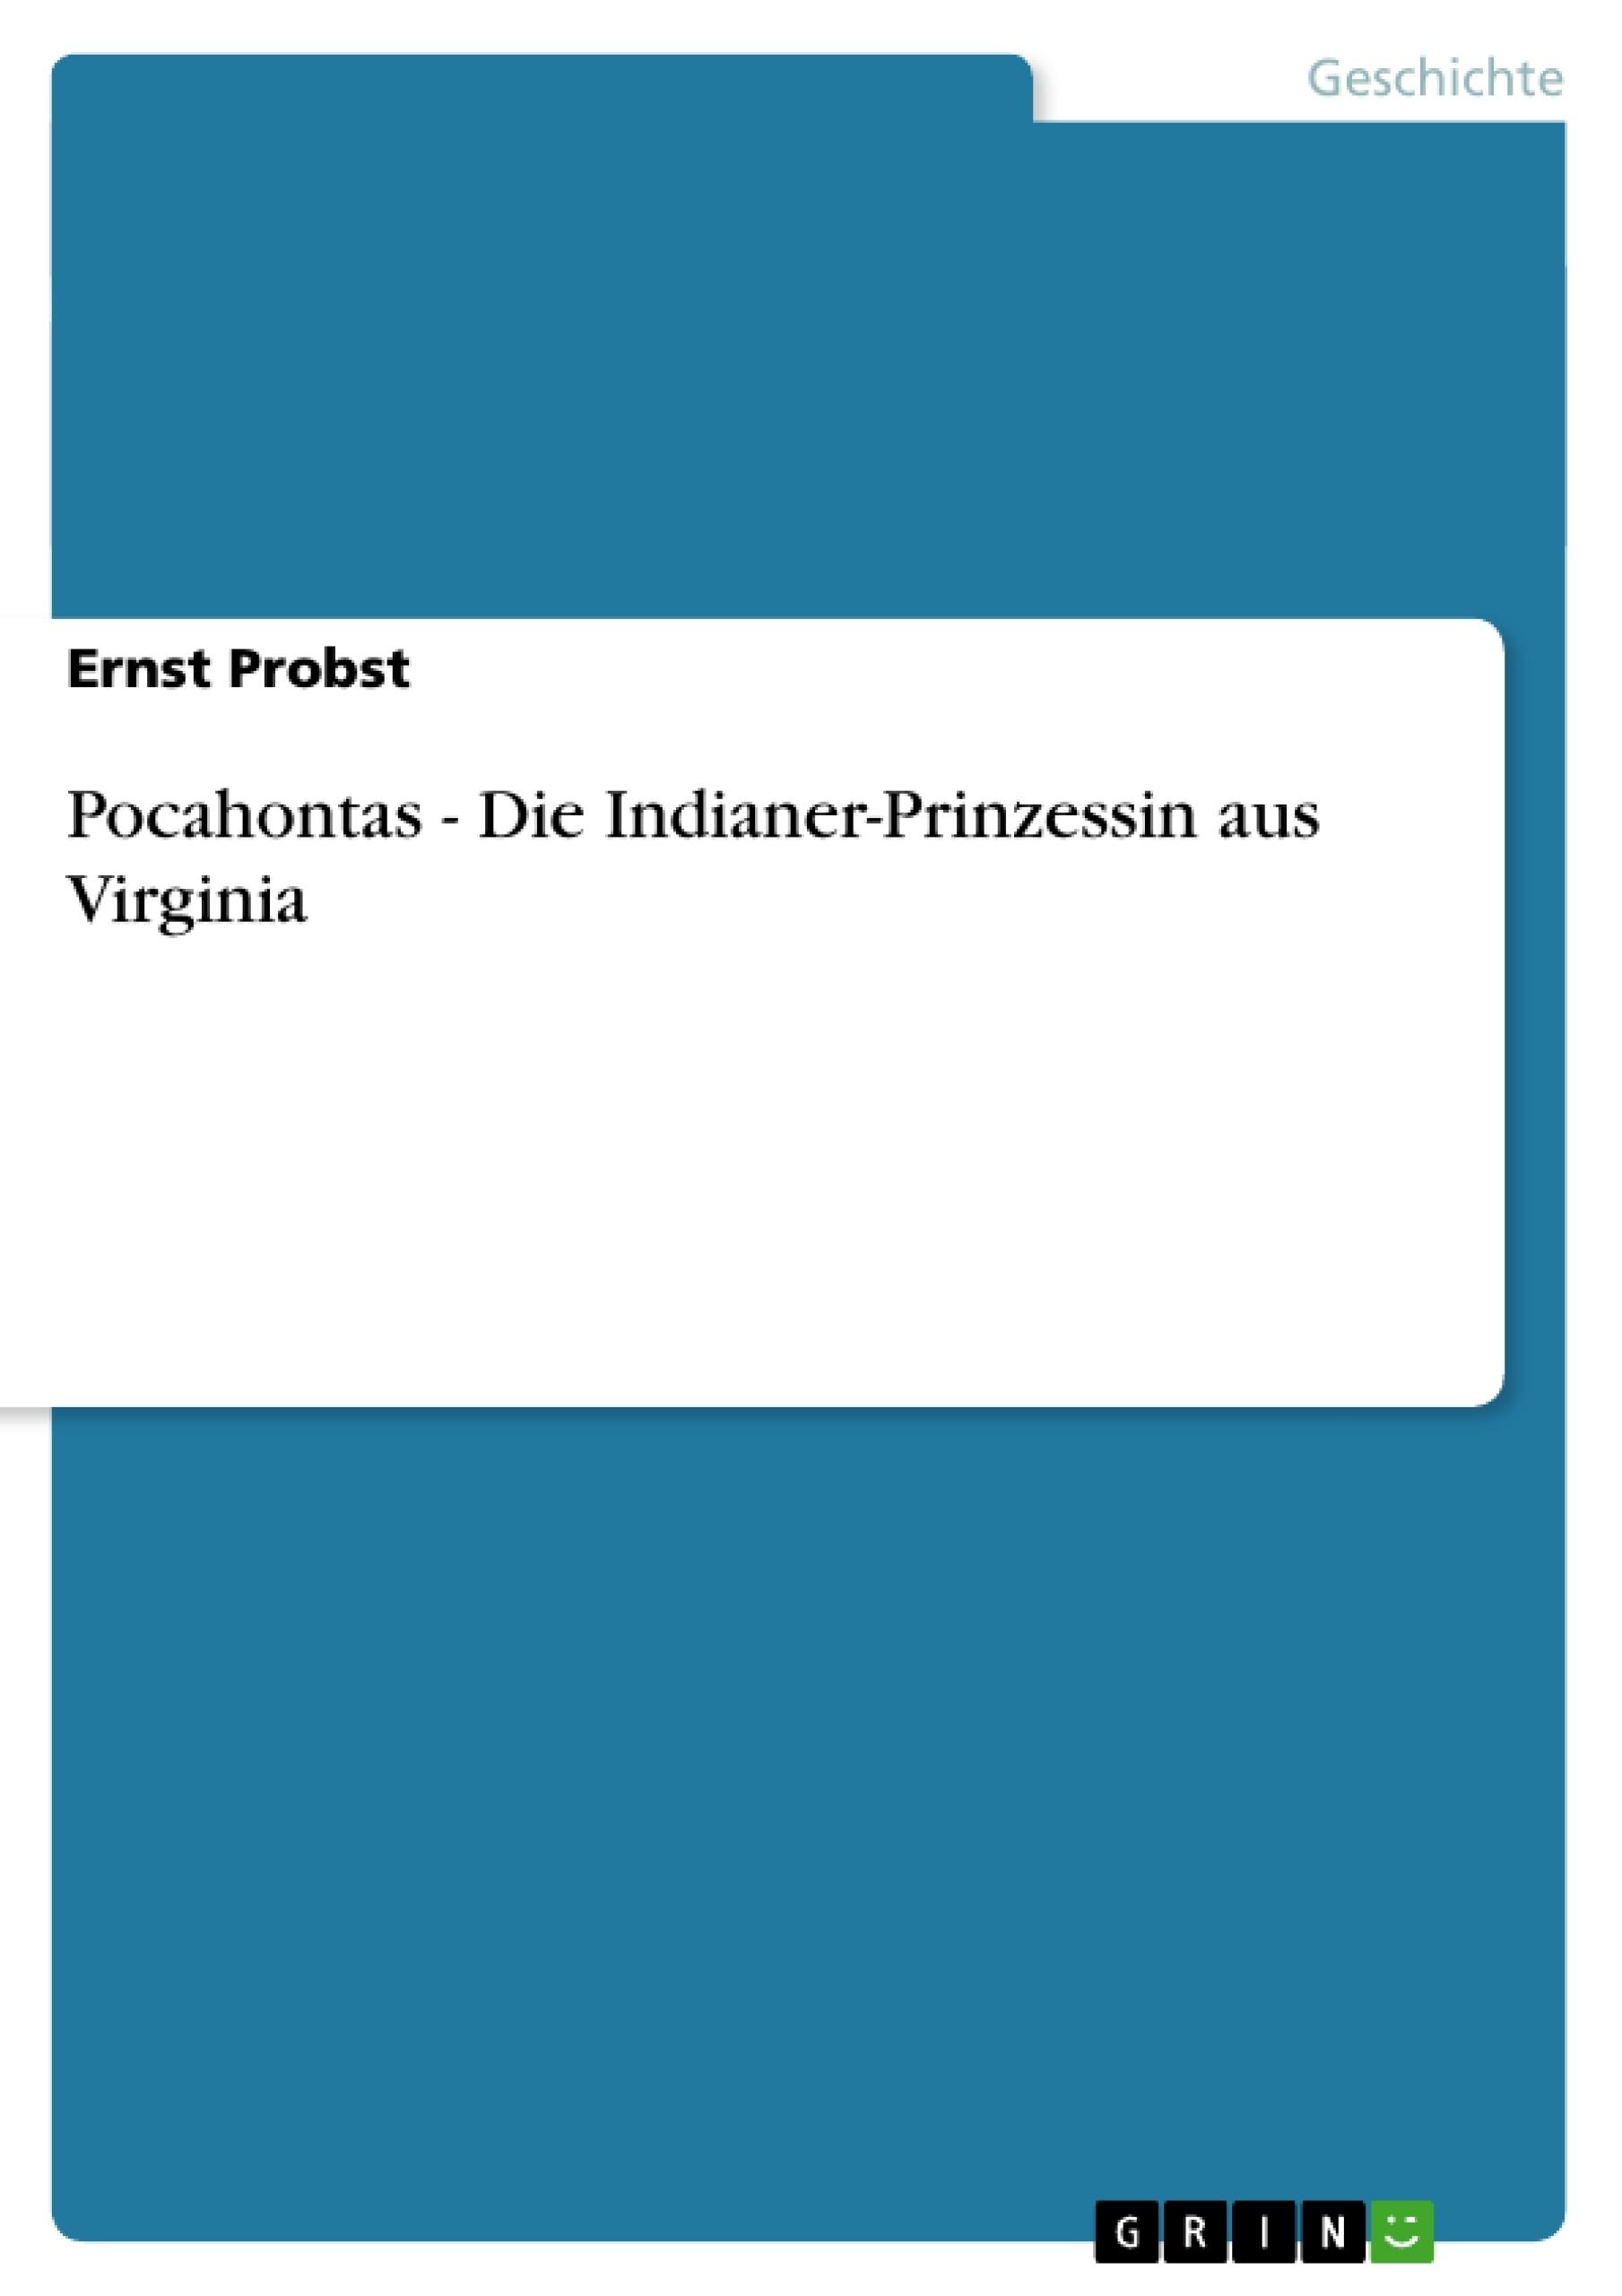 Titel: Pocahontas - Die Indianer-Prinzessin aus Virginia